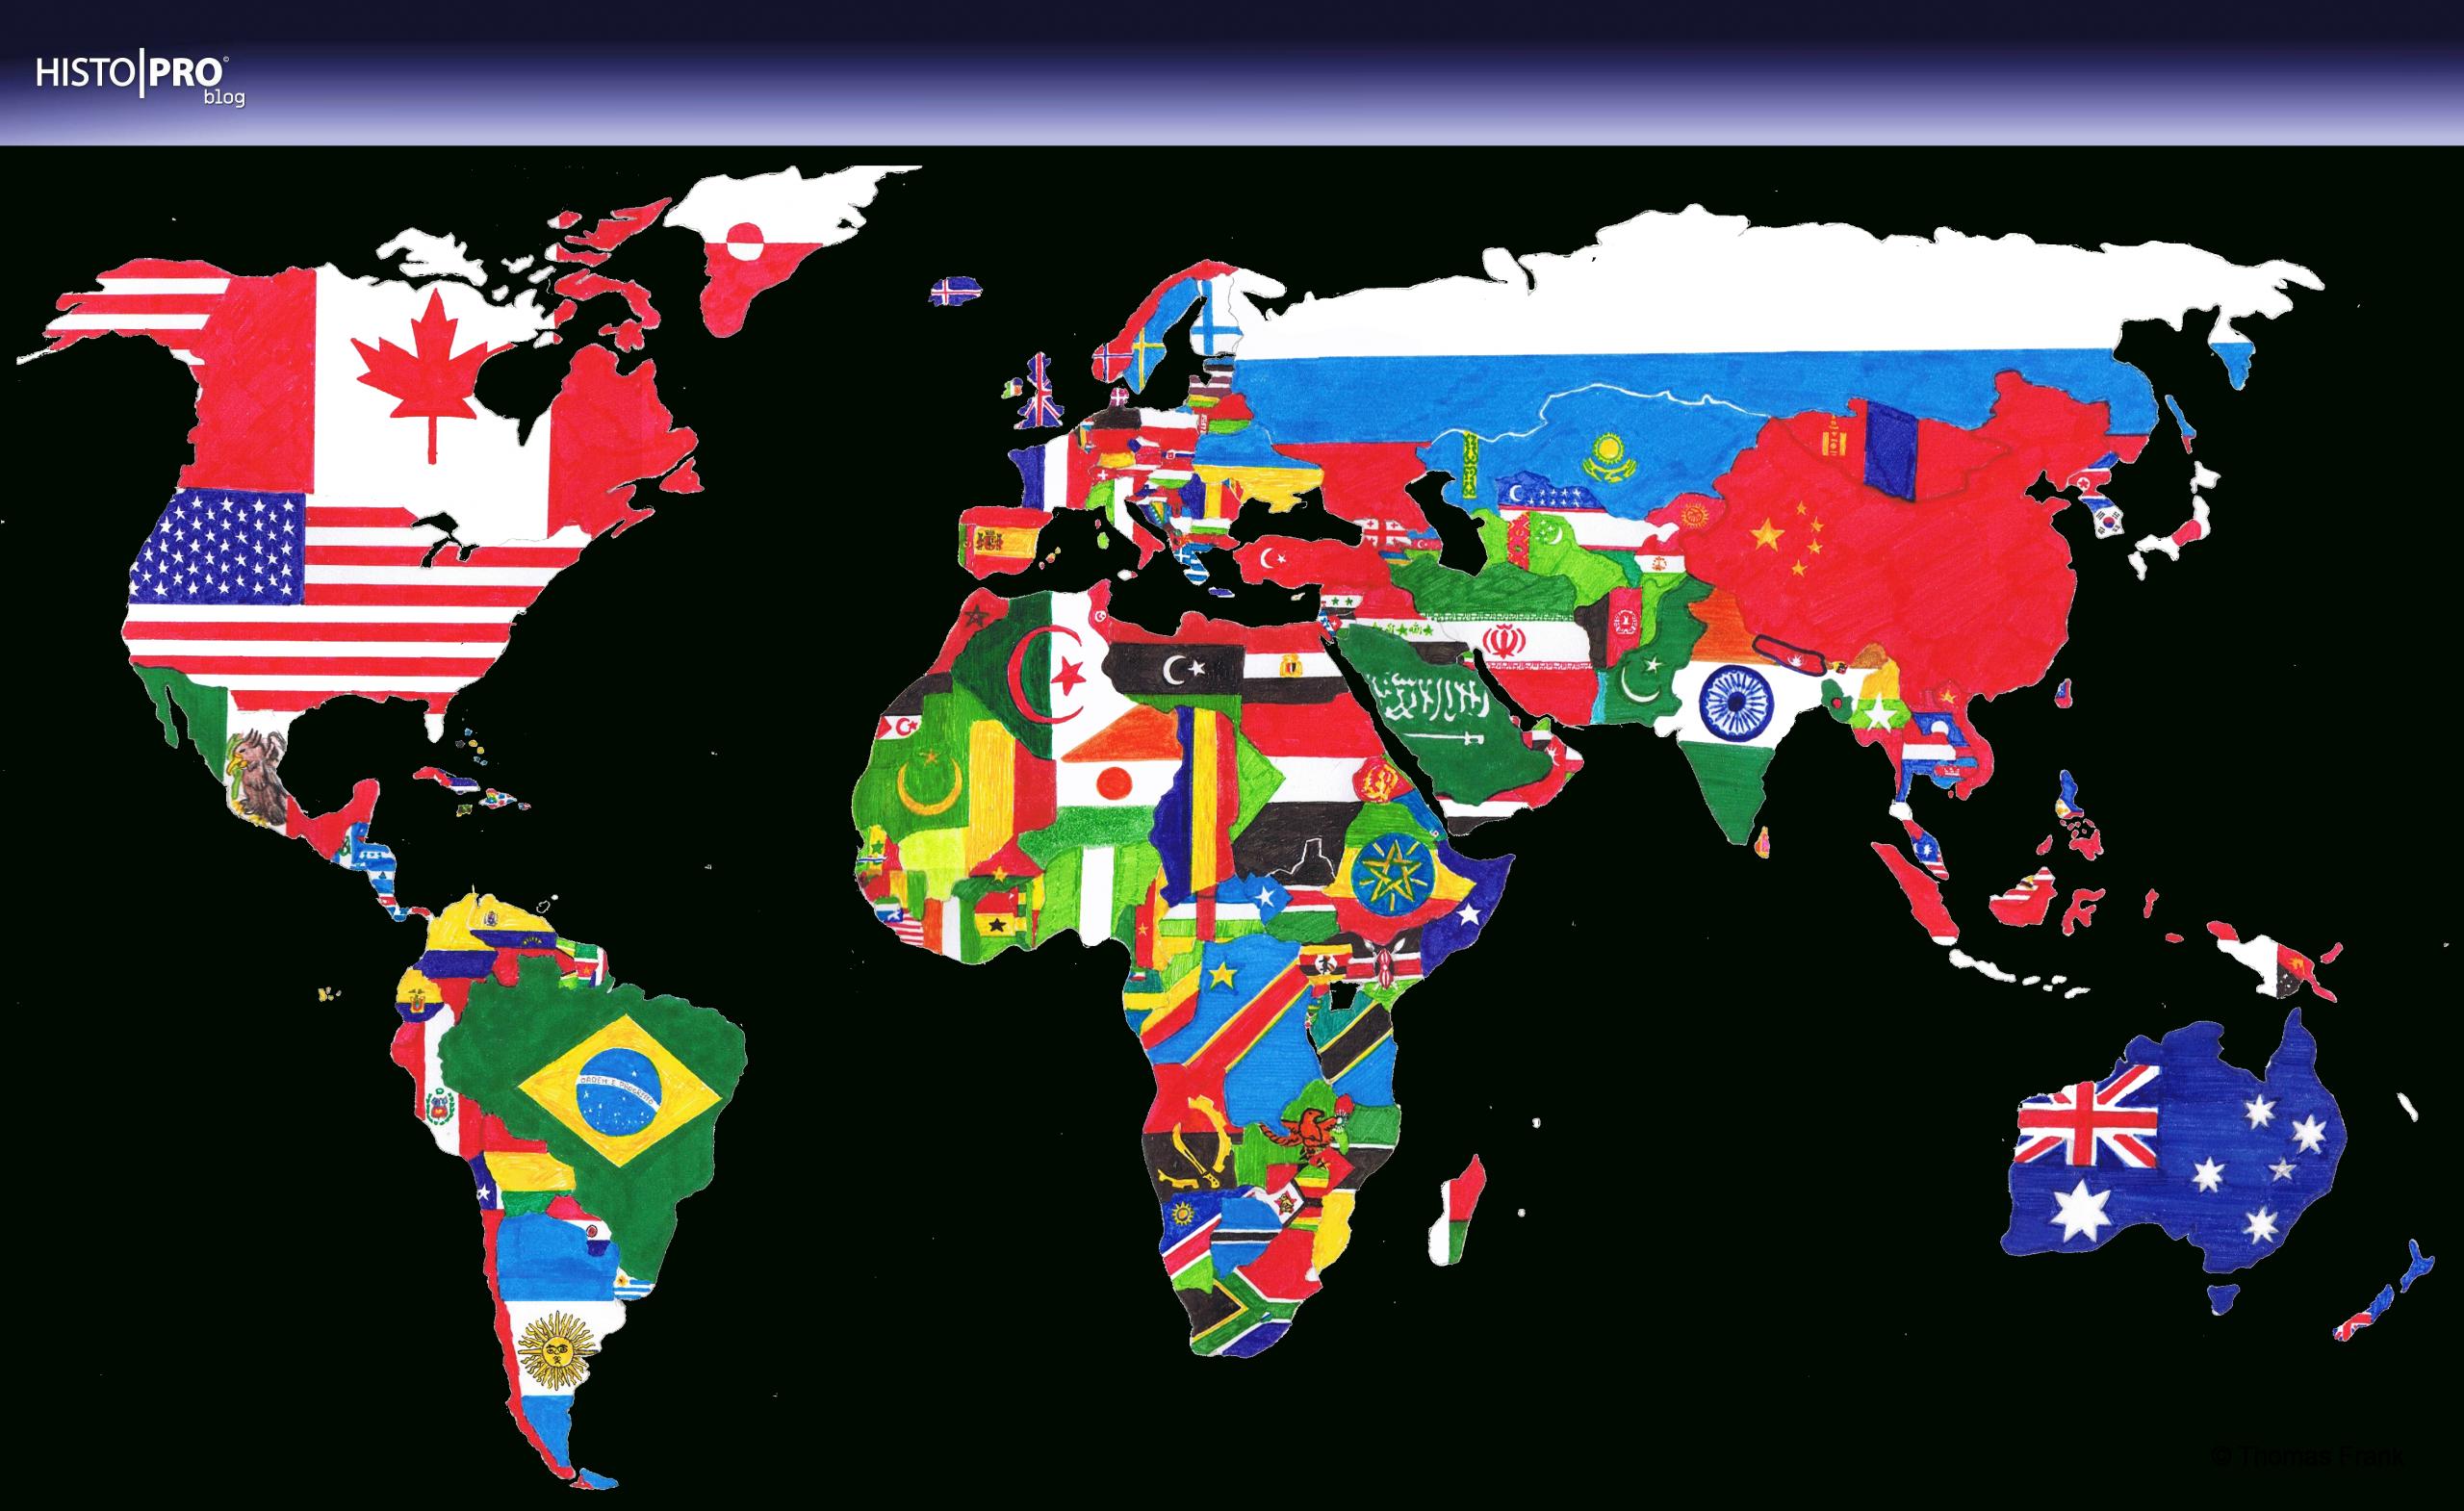 Download: Gemalte Weltkarte Von Thomas Frank | Histoproblog ganzes Weltkarte Blanko